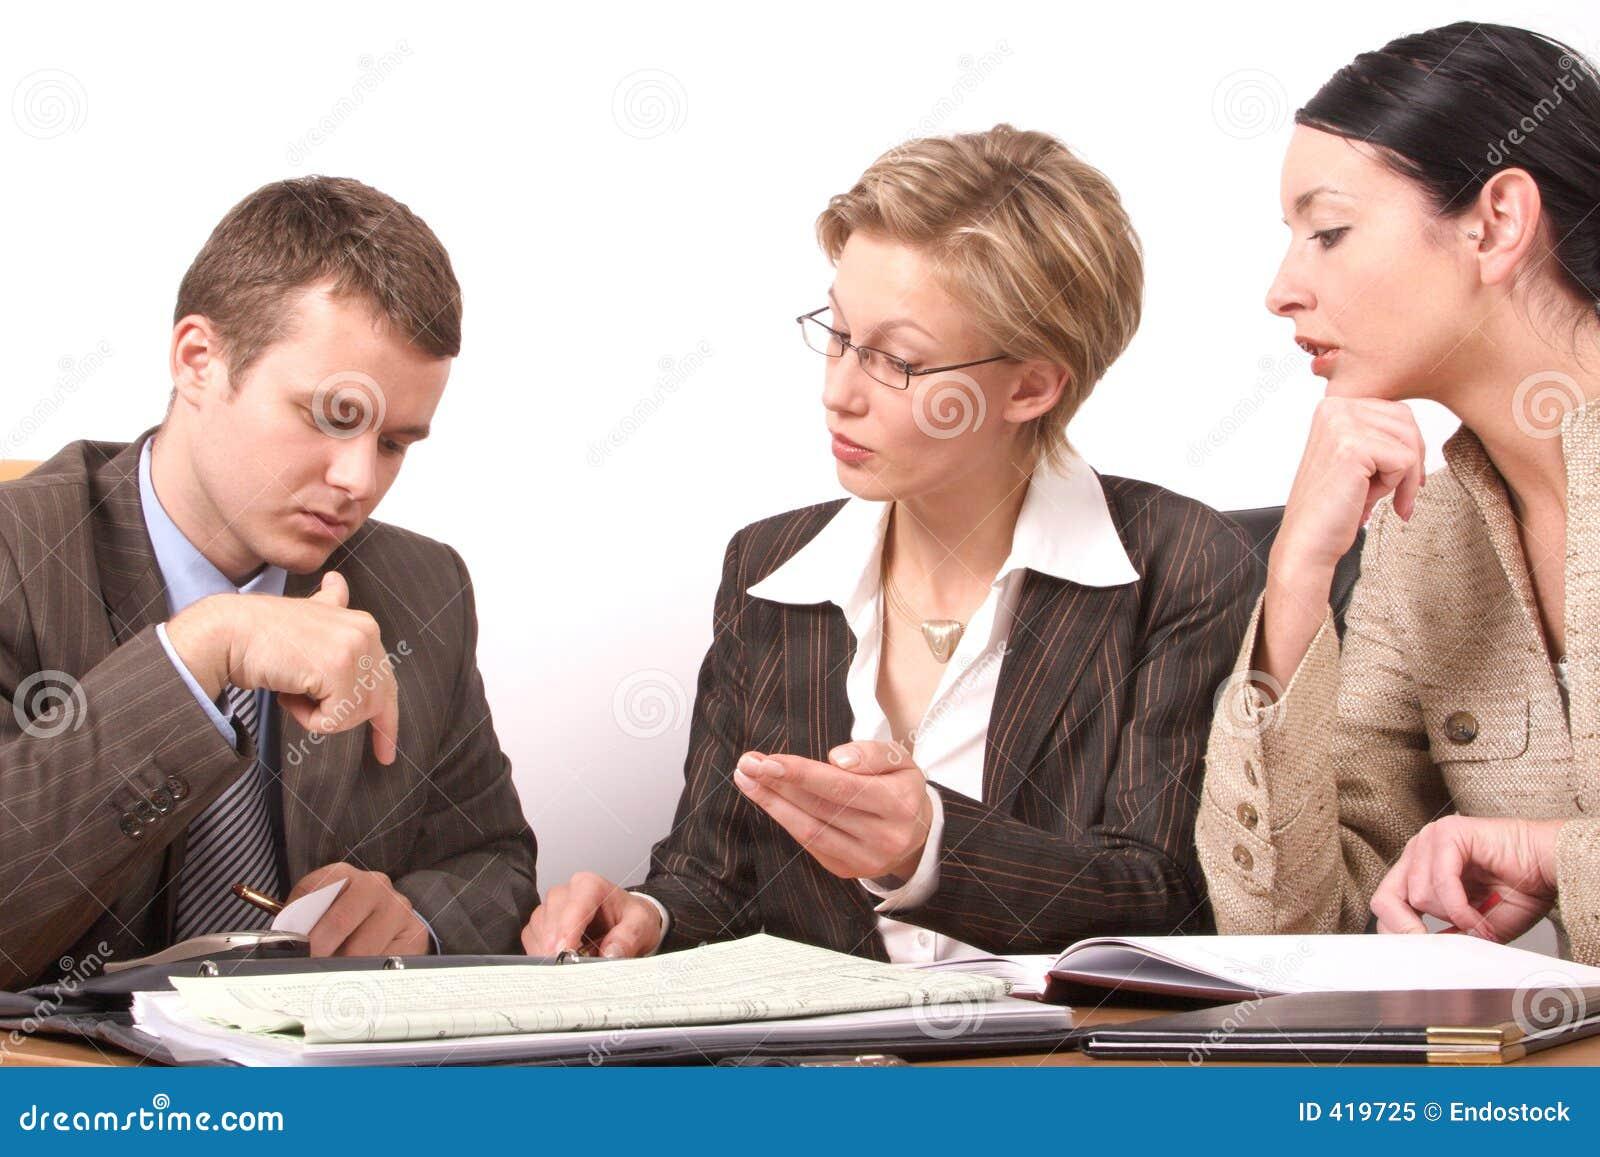 Mulher da reunião de negócio 2 - 2, 1 homem